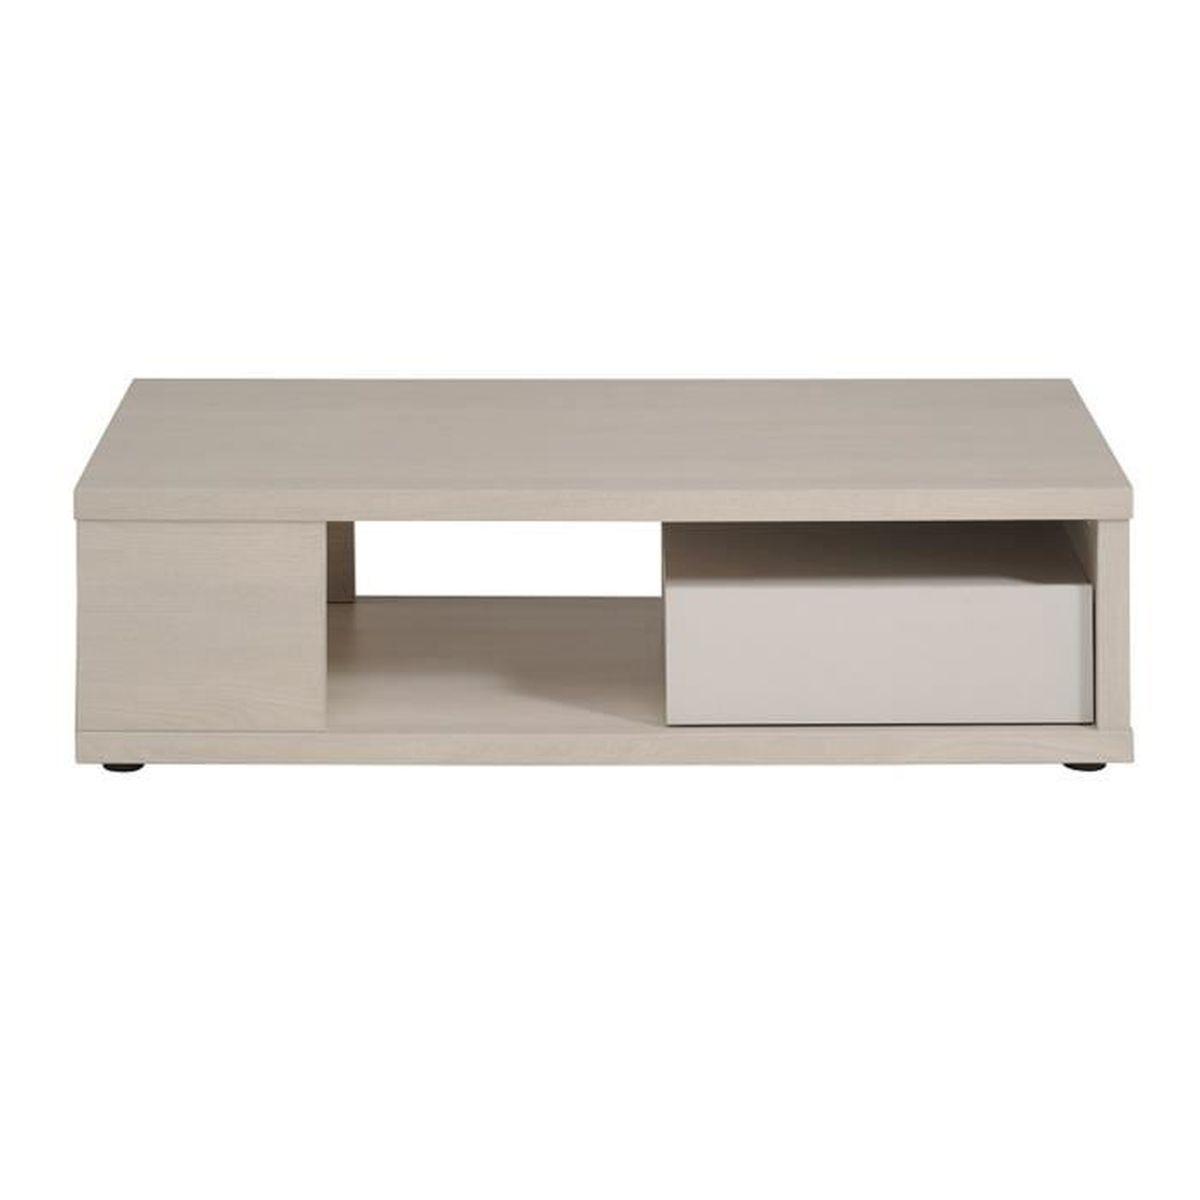 Table basse en panneaux de particules coloris acacia clair - Table basse en acacia ...